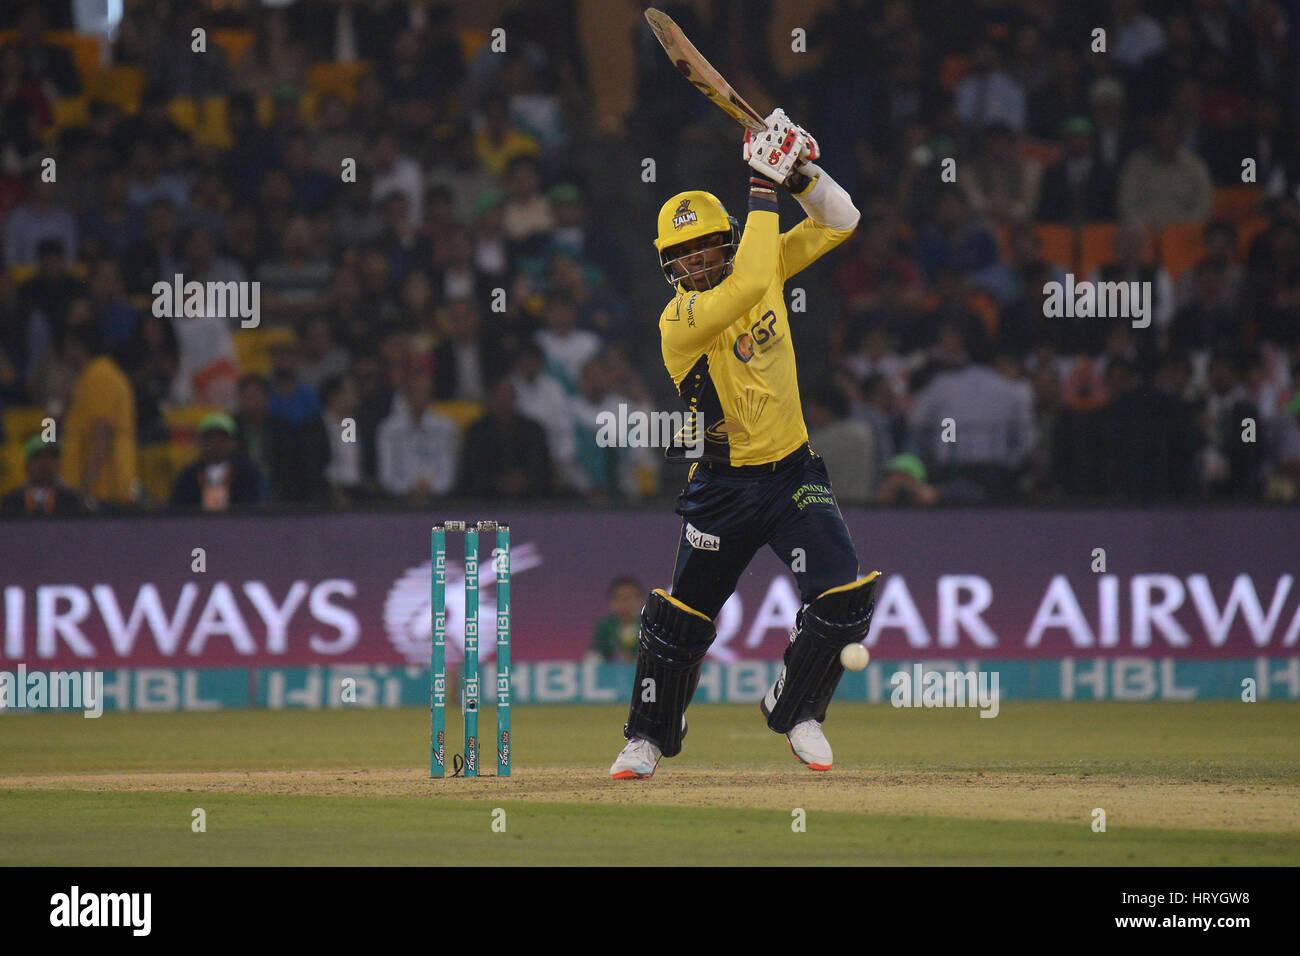 psl cricket